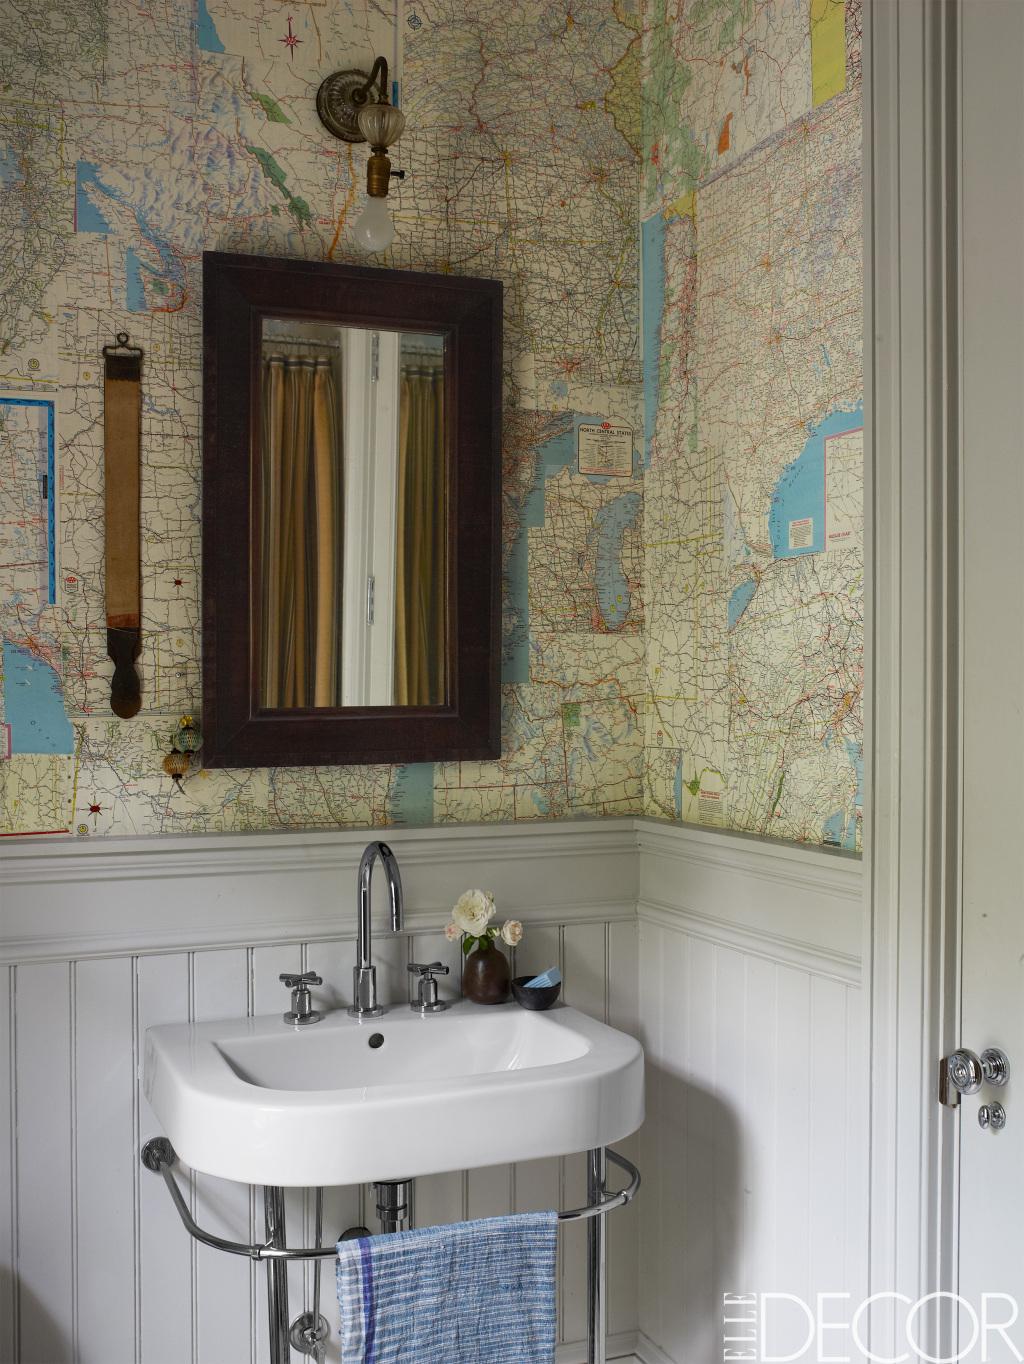 รวมหลากไอเดียแต่งห้องน้ำสุดบรรเจิด ด้วยสารพัดของสะสม รูปที่ 4